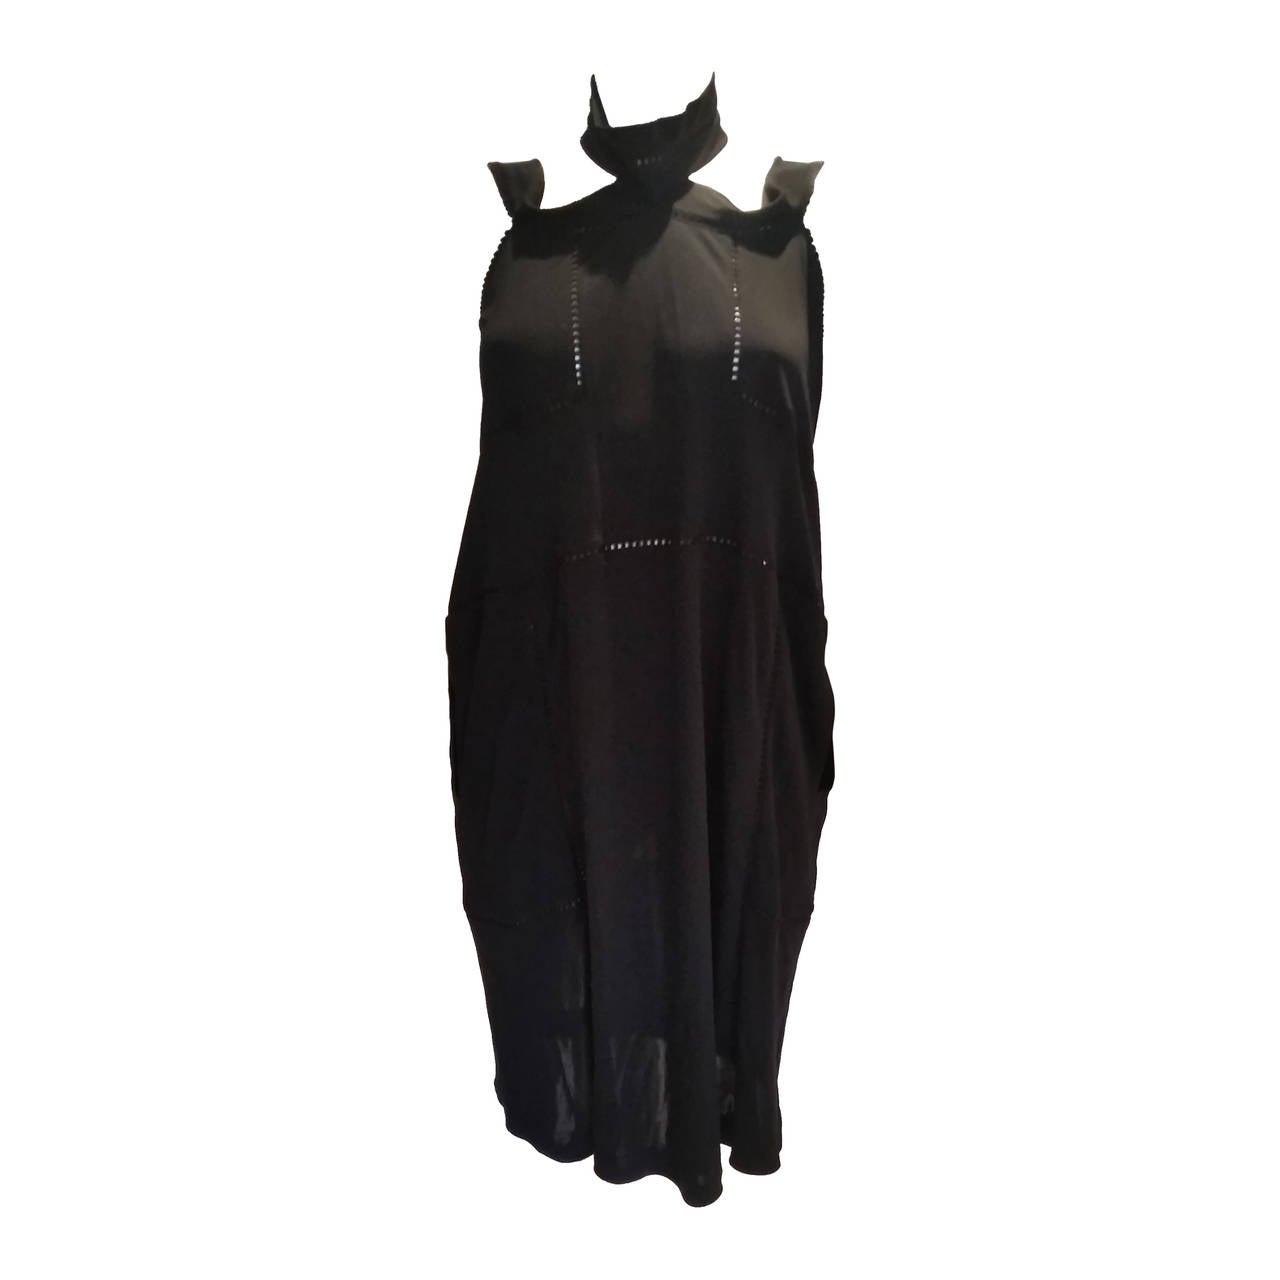 2007 Saint Laurent rive gauche black dress 1